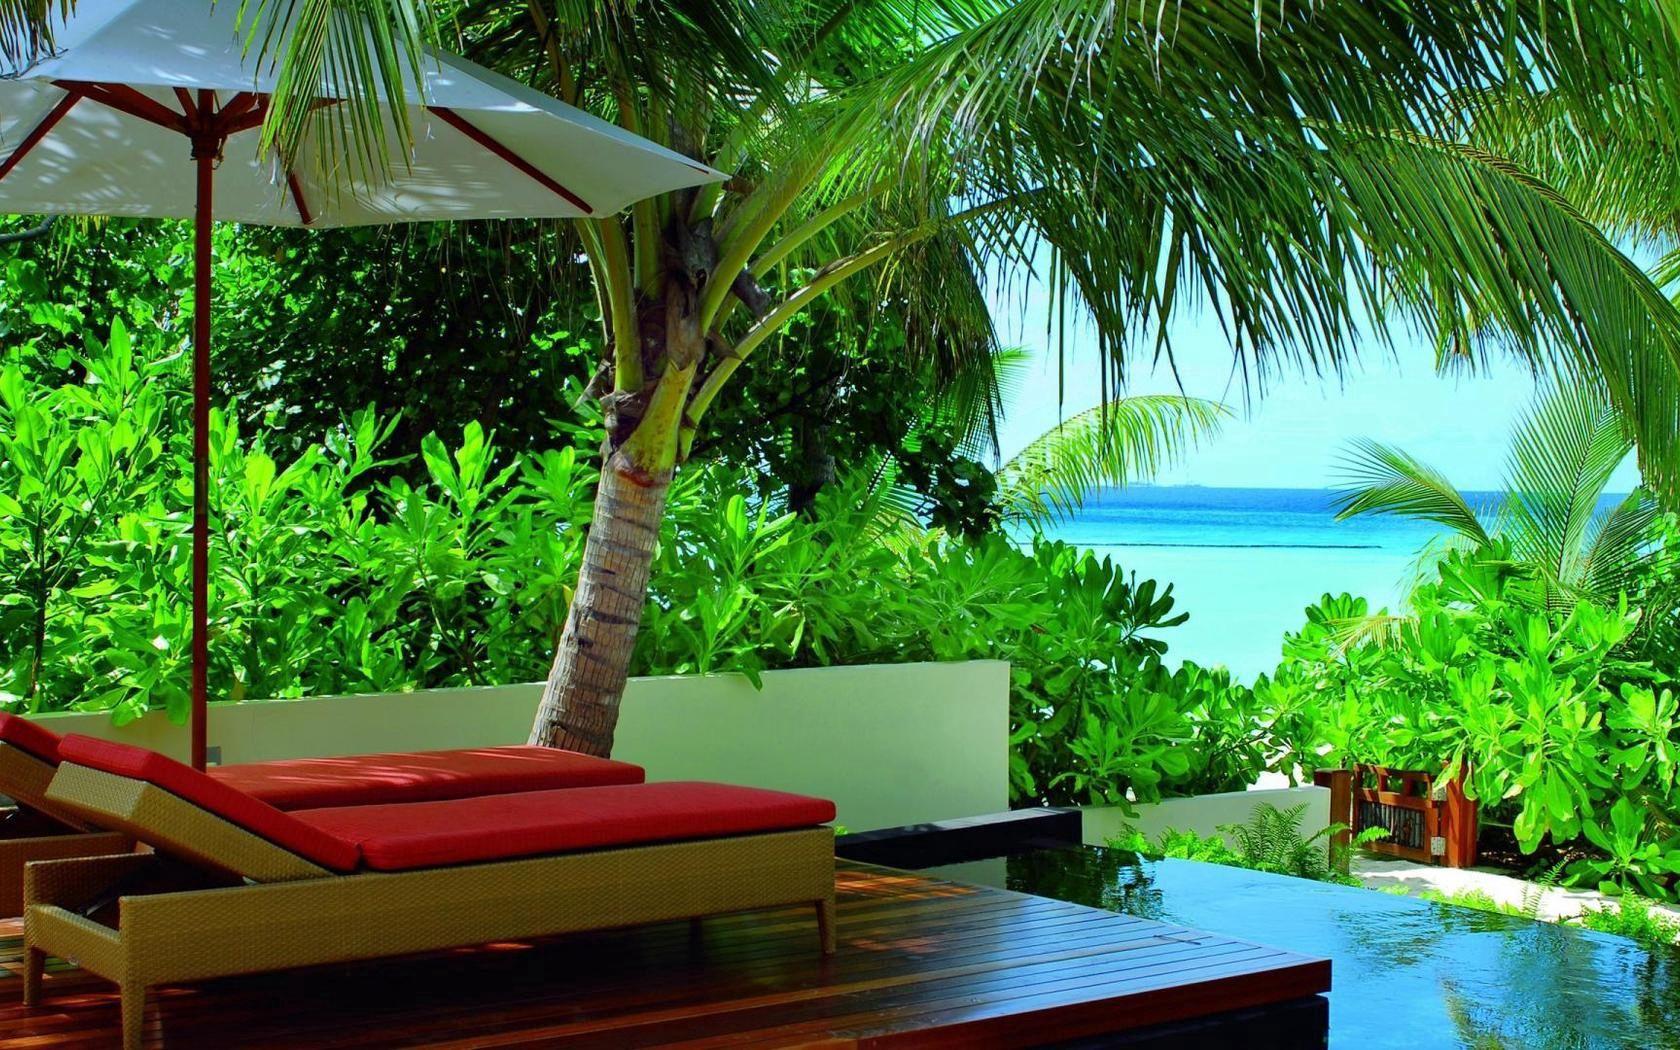 132670 télécharger le fond d'écran Palms, Nature, Végétation, Légumes Verts, Verdure, Tropiques, Balancelle, Transat, Chaises, Recours, Maldives, Les Fauteuils - économiseurs d'écran et images gratuitement